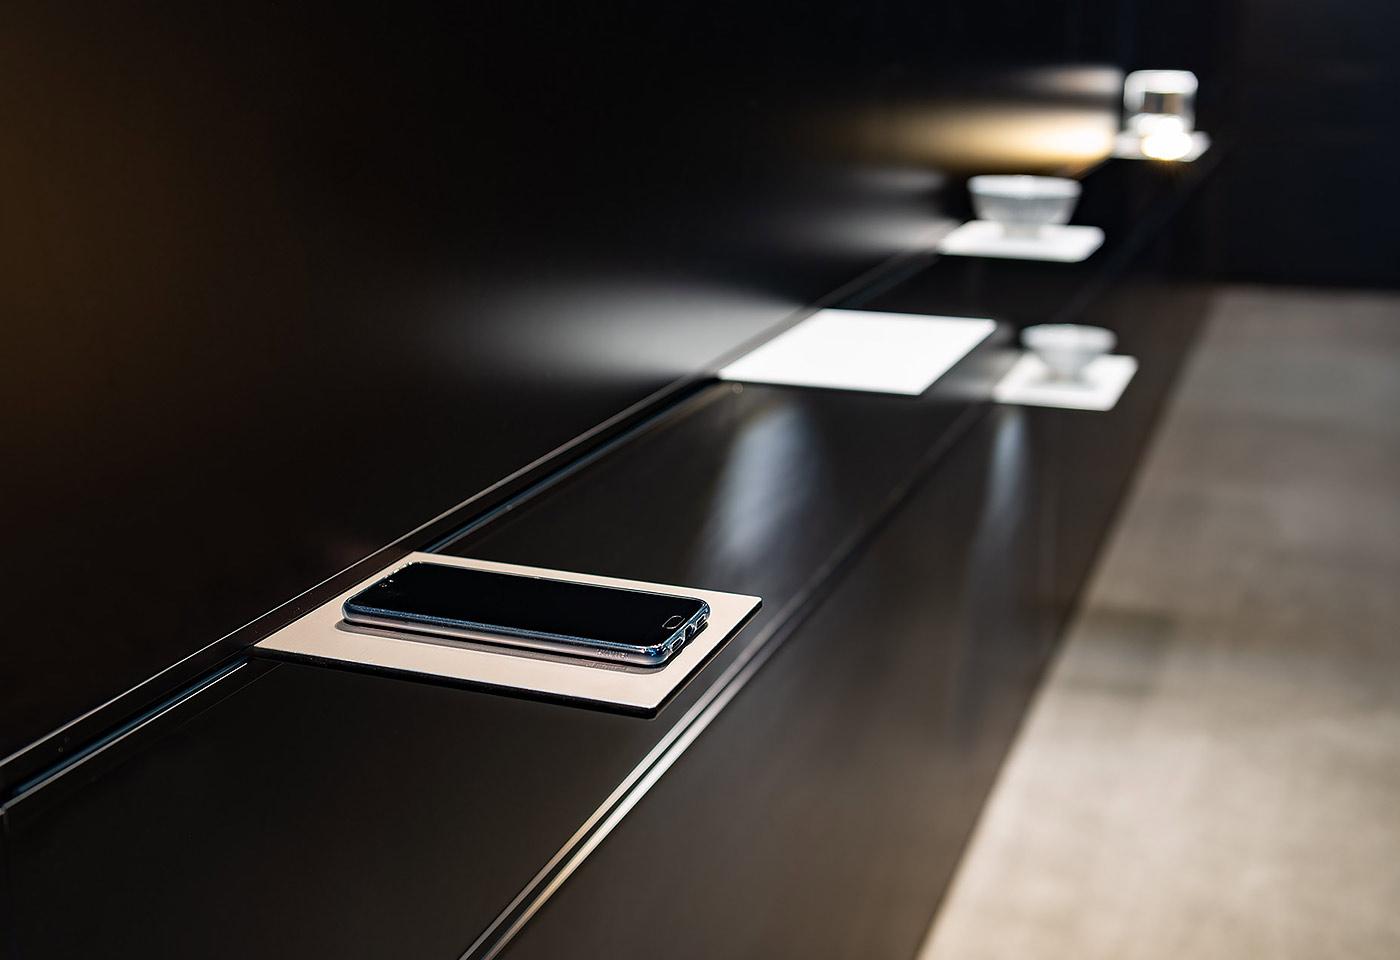 Die Tablare ermöglichen unterschiedliche Anwendungen, wie kontaktloses Aufladen von Smartpho-nes oder integrierte Küchenwaagen.